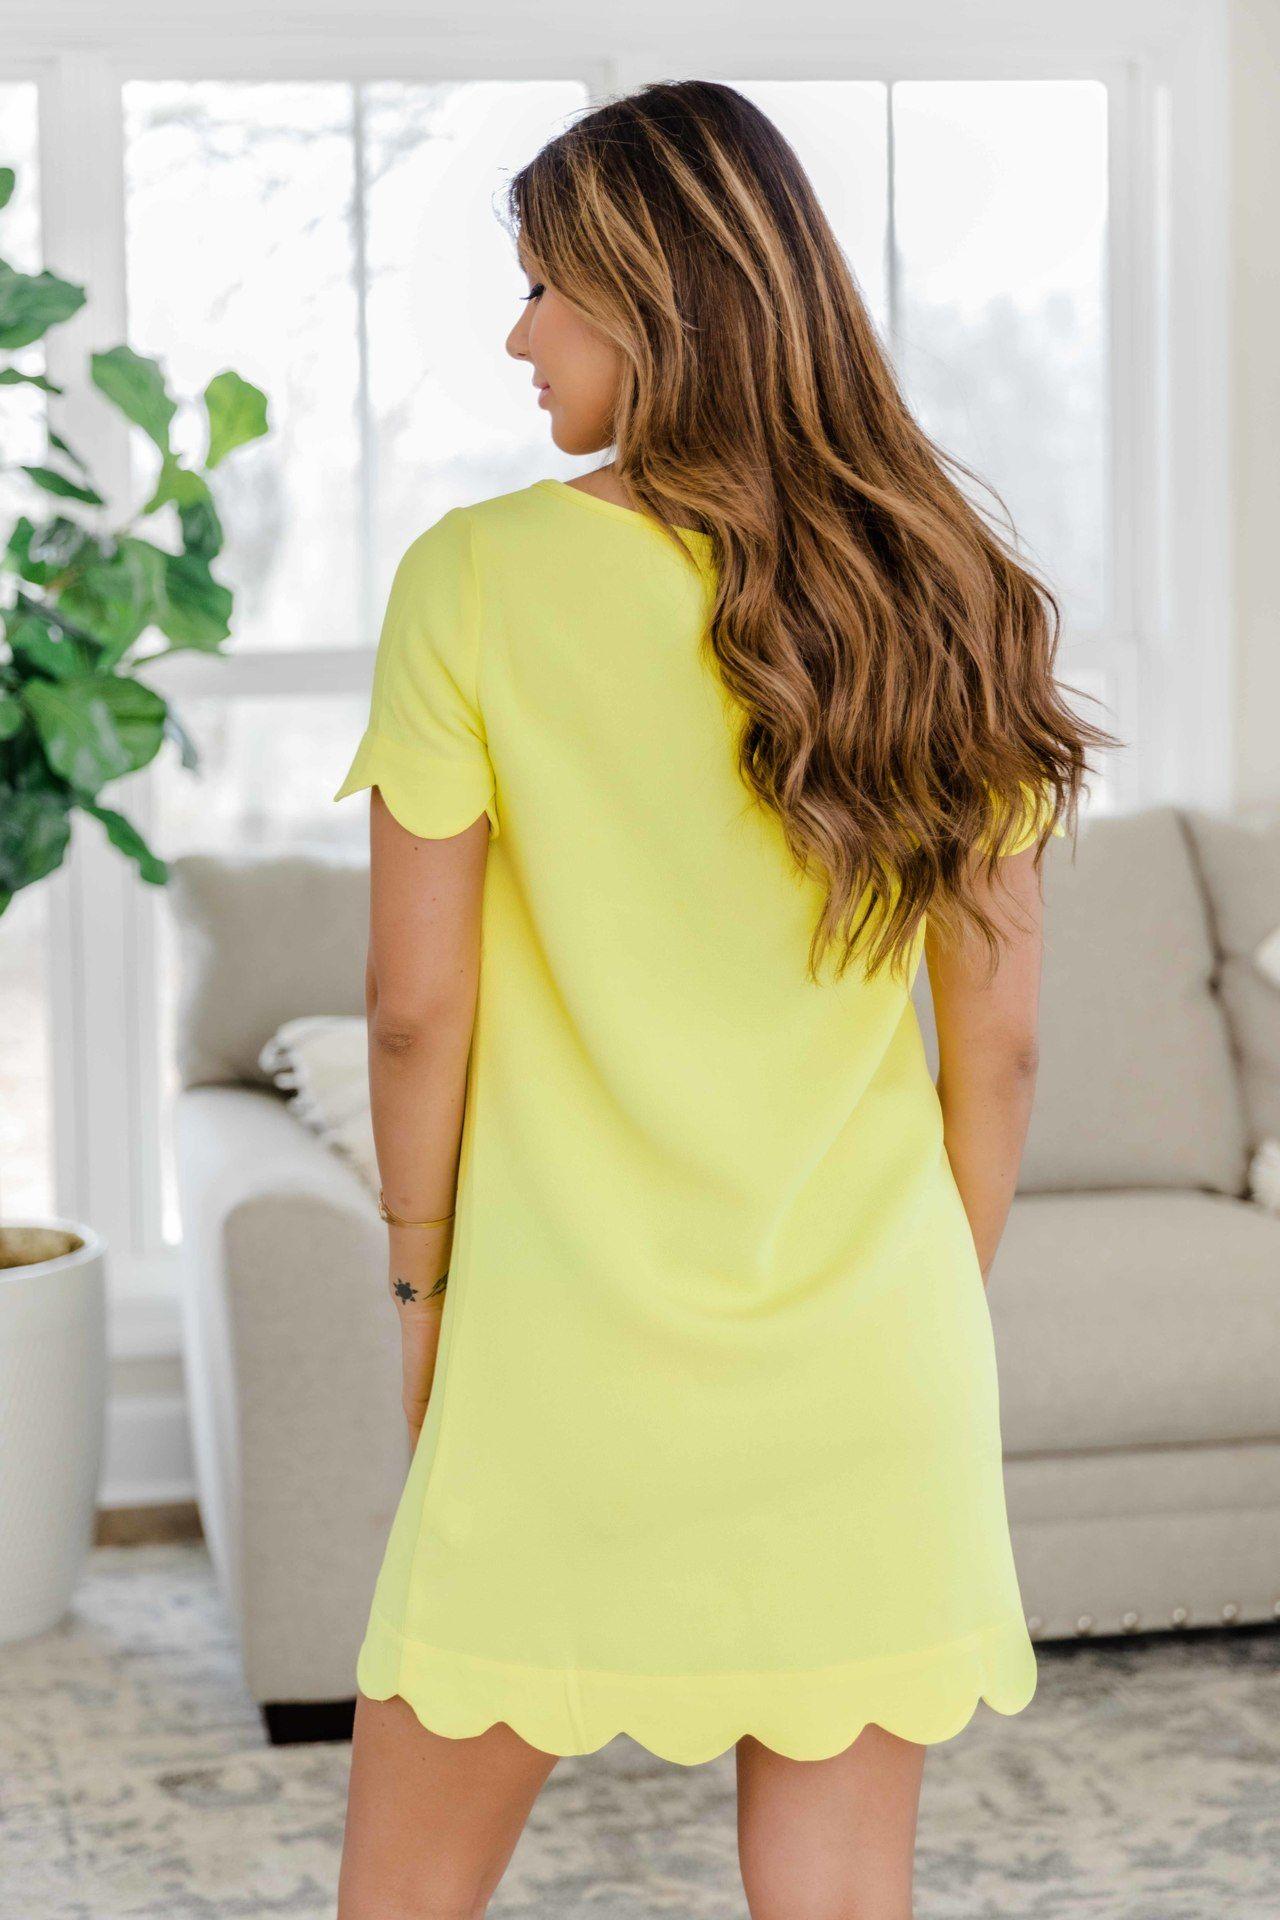 فستان اصفر رومانسي مجدد Sweet Dress Yellow Dress Dresses